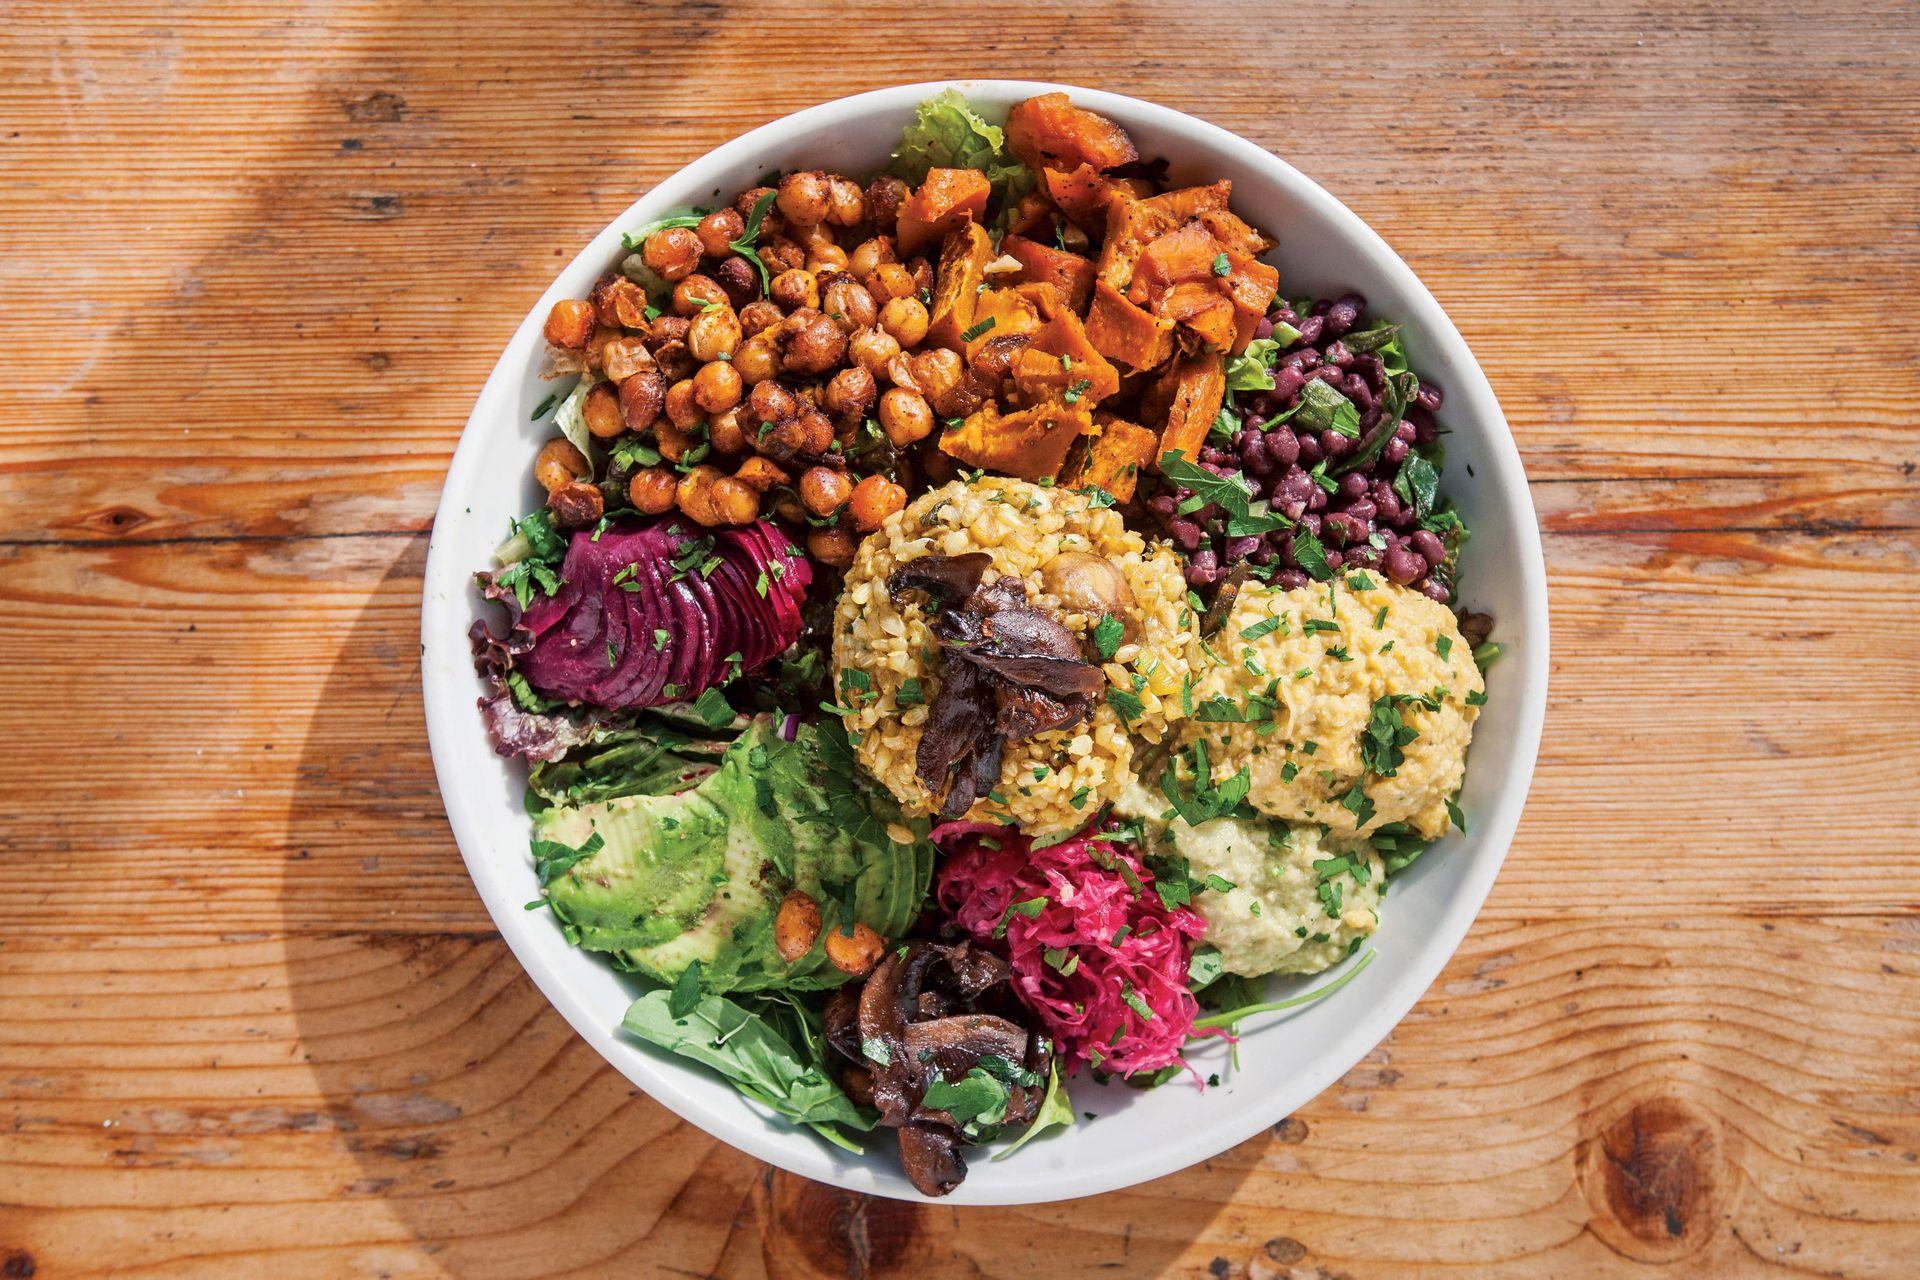 Ensalada superproteica: hongos shitake, hummus de calabaza, porotos aduki, albahaca, calabazas asadas, garbanzos crujientes, remolachas, rúcula y palta.